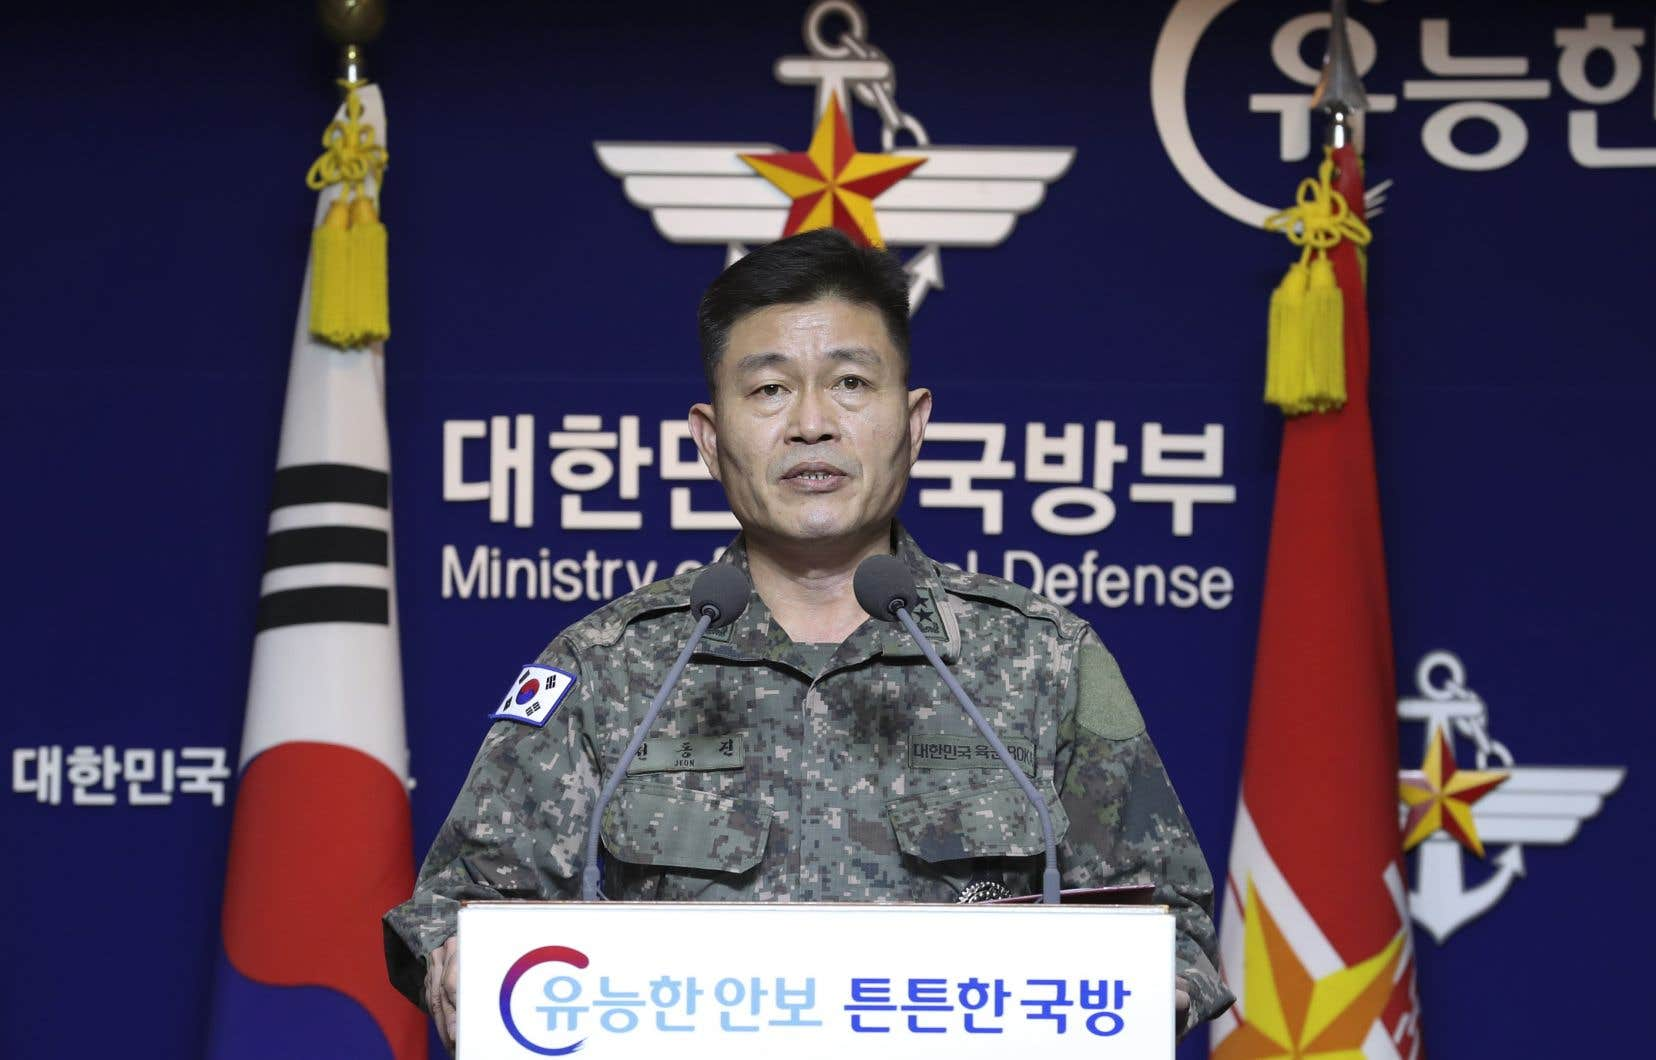 <p>Deux projectiles ont été tirés en direction de l'est depuis la province du Hamgyong du Sud et sont tombés dans la mer du Japon, a indiqué l'état-major sud-coréen dans un communiqué.</p>